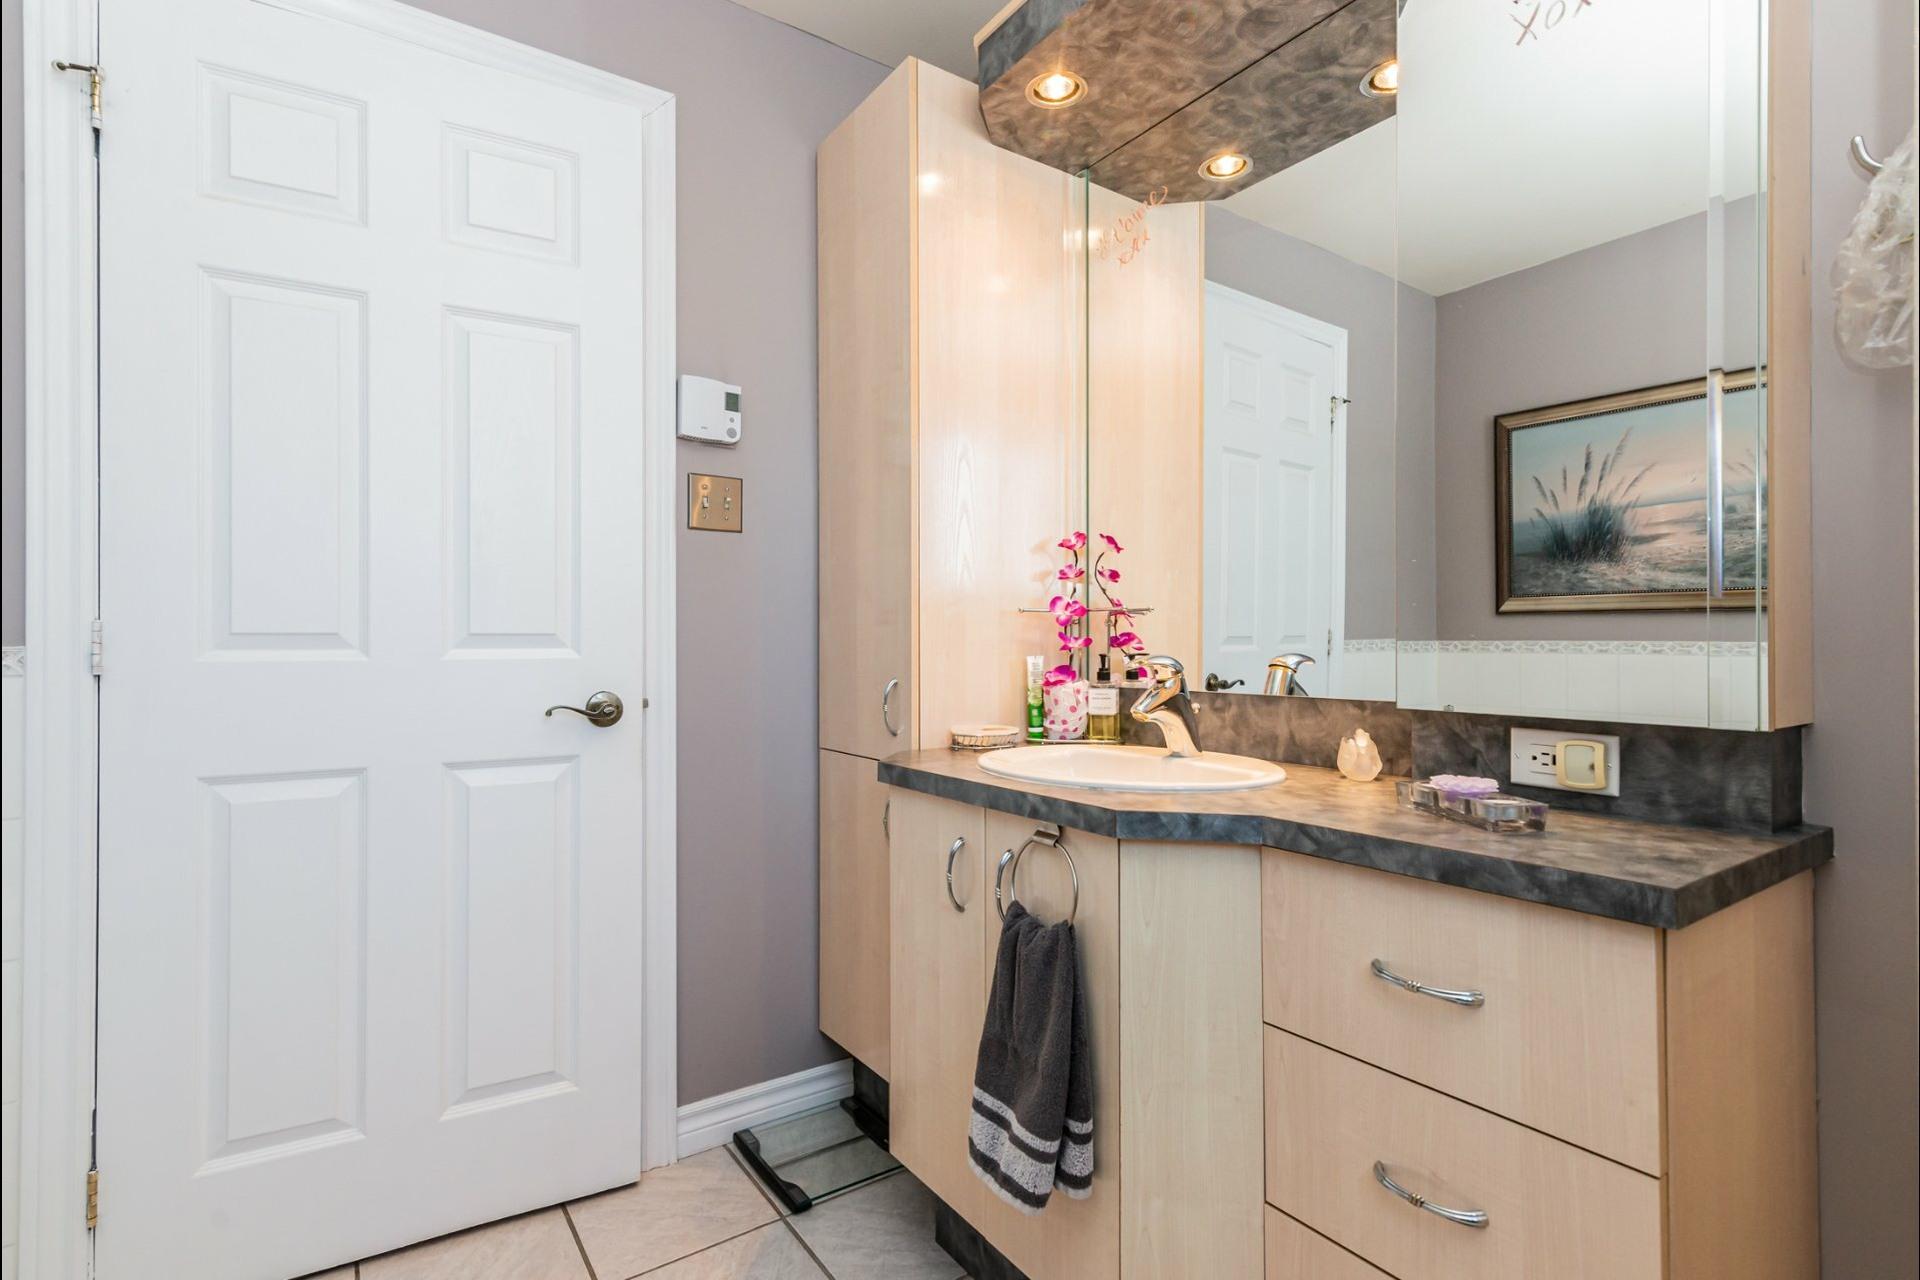 image 31 - House For sale L'Île-Bizard/Sainte-Geneviève Montréal  - 12 rooms